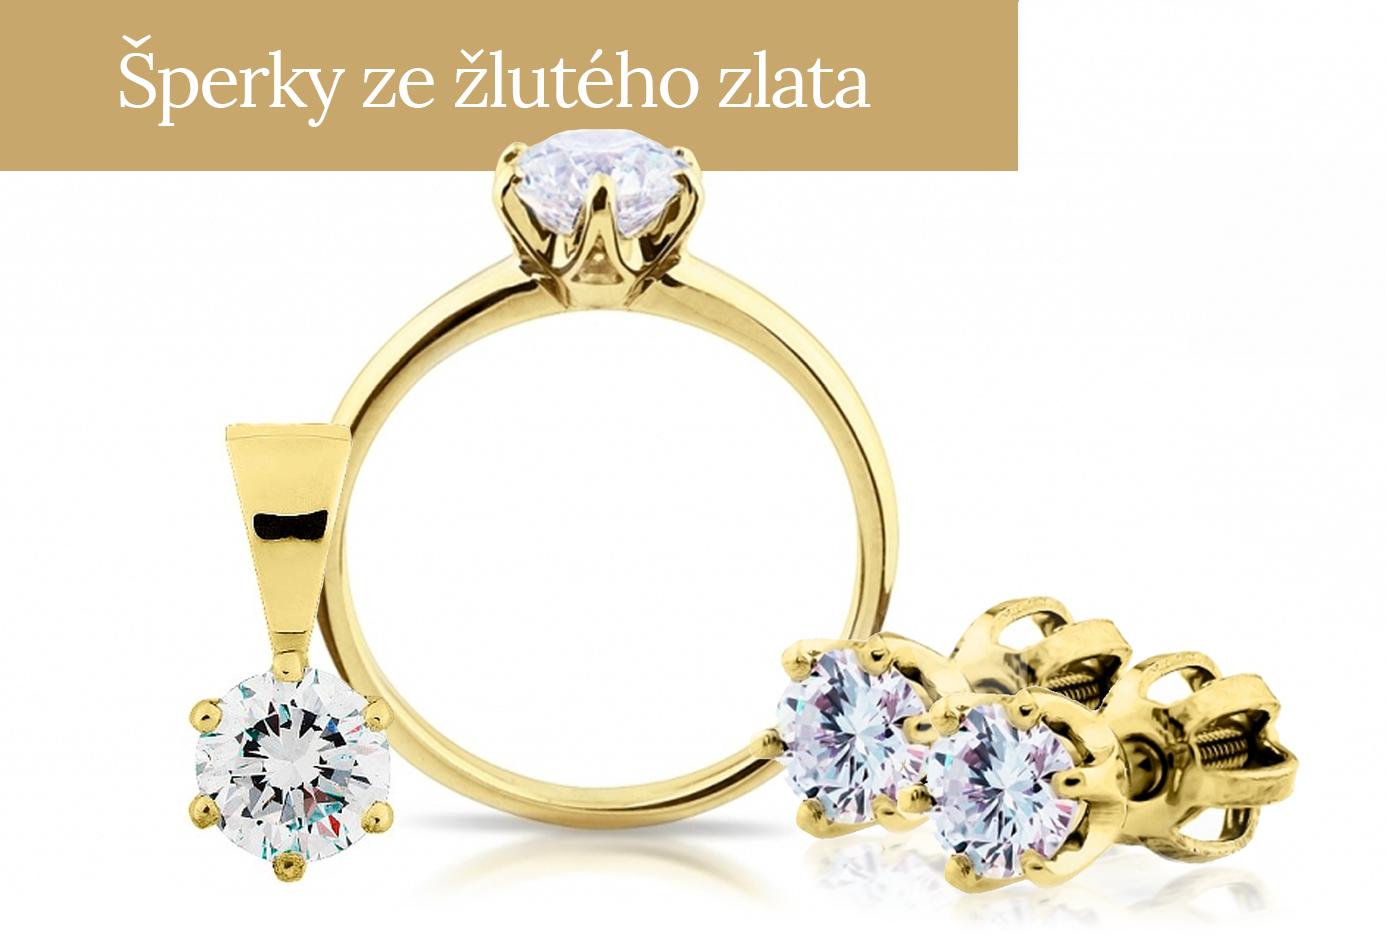 Šperky ze žlutého zlata